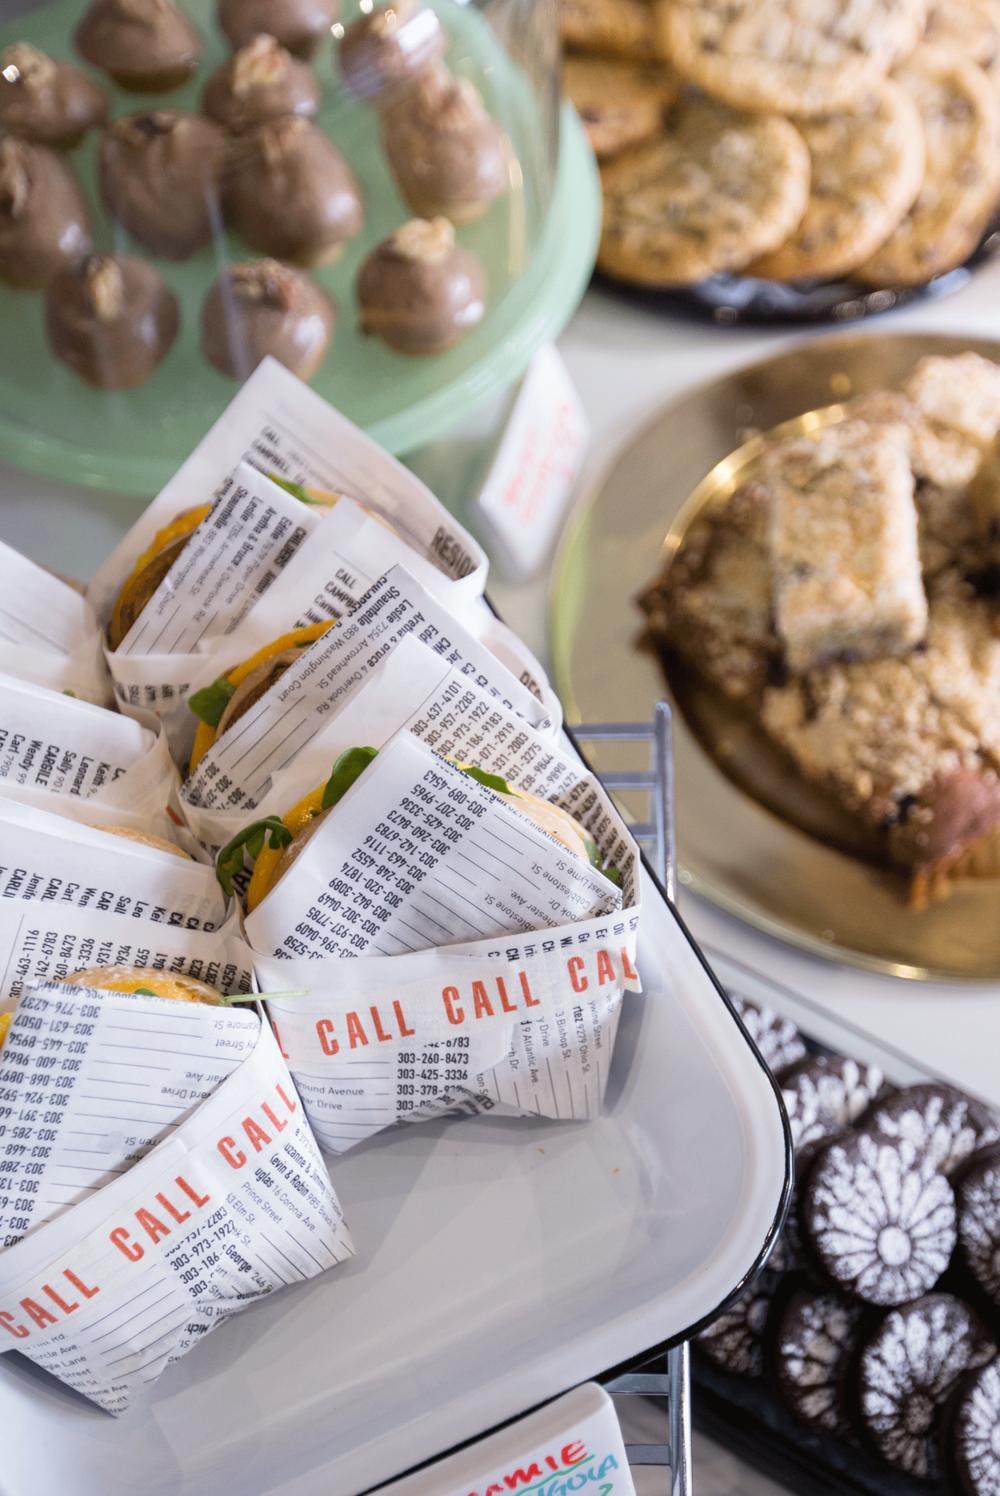 Call Denver Restaurant Branding_Custom Butcher Paper and Tape